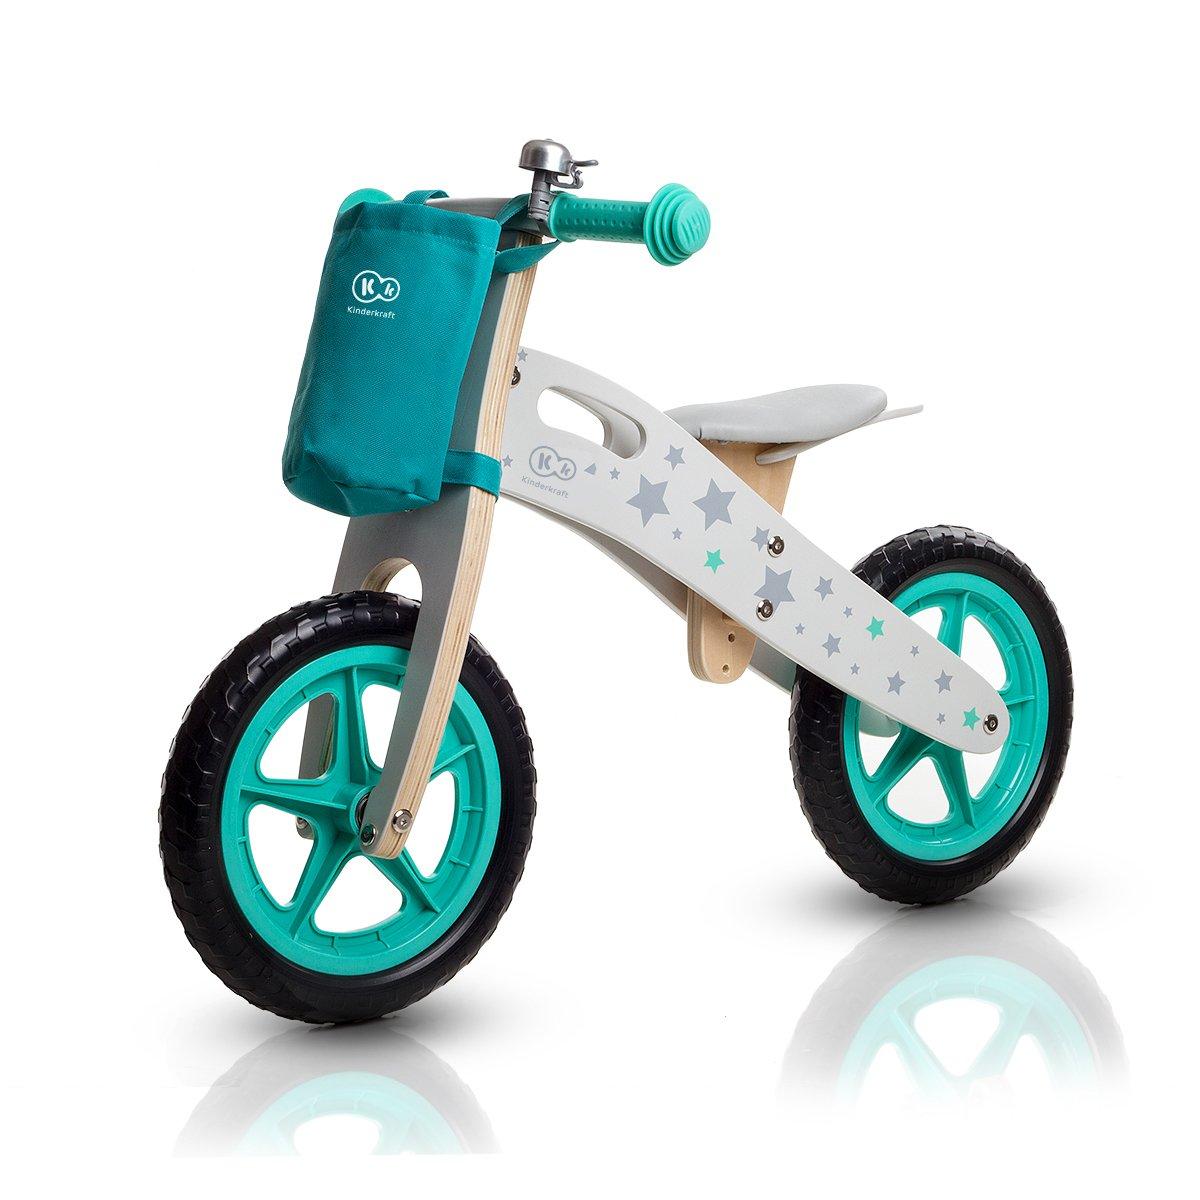 Biciclette Senza Pedali Le Più Belle Nostrofiglioit